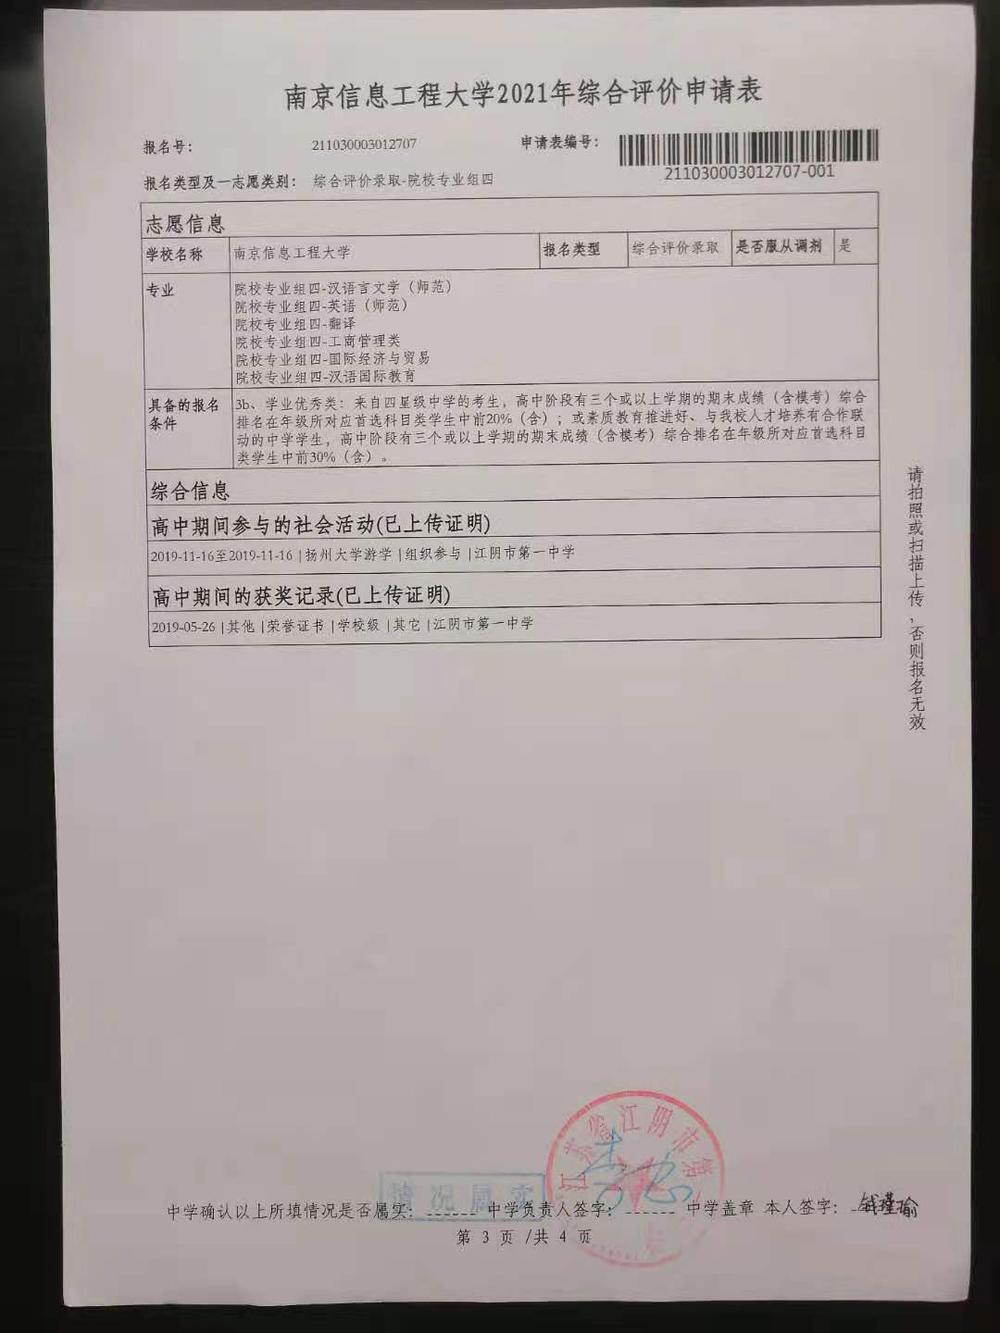 南京信息工程大学公示材料4.jpg